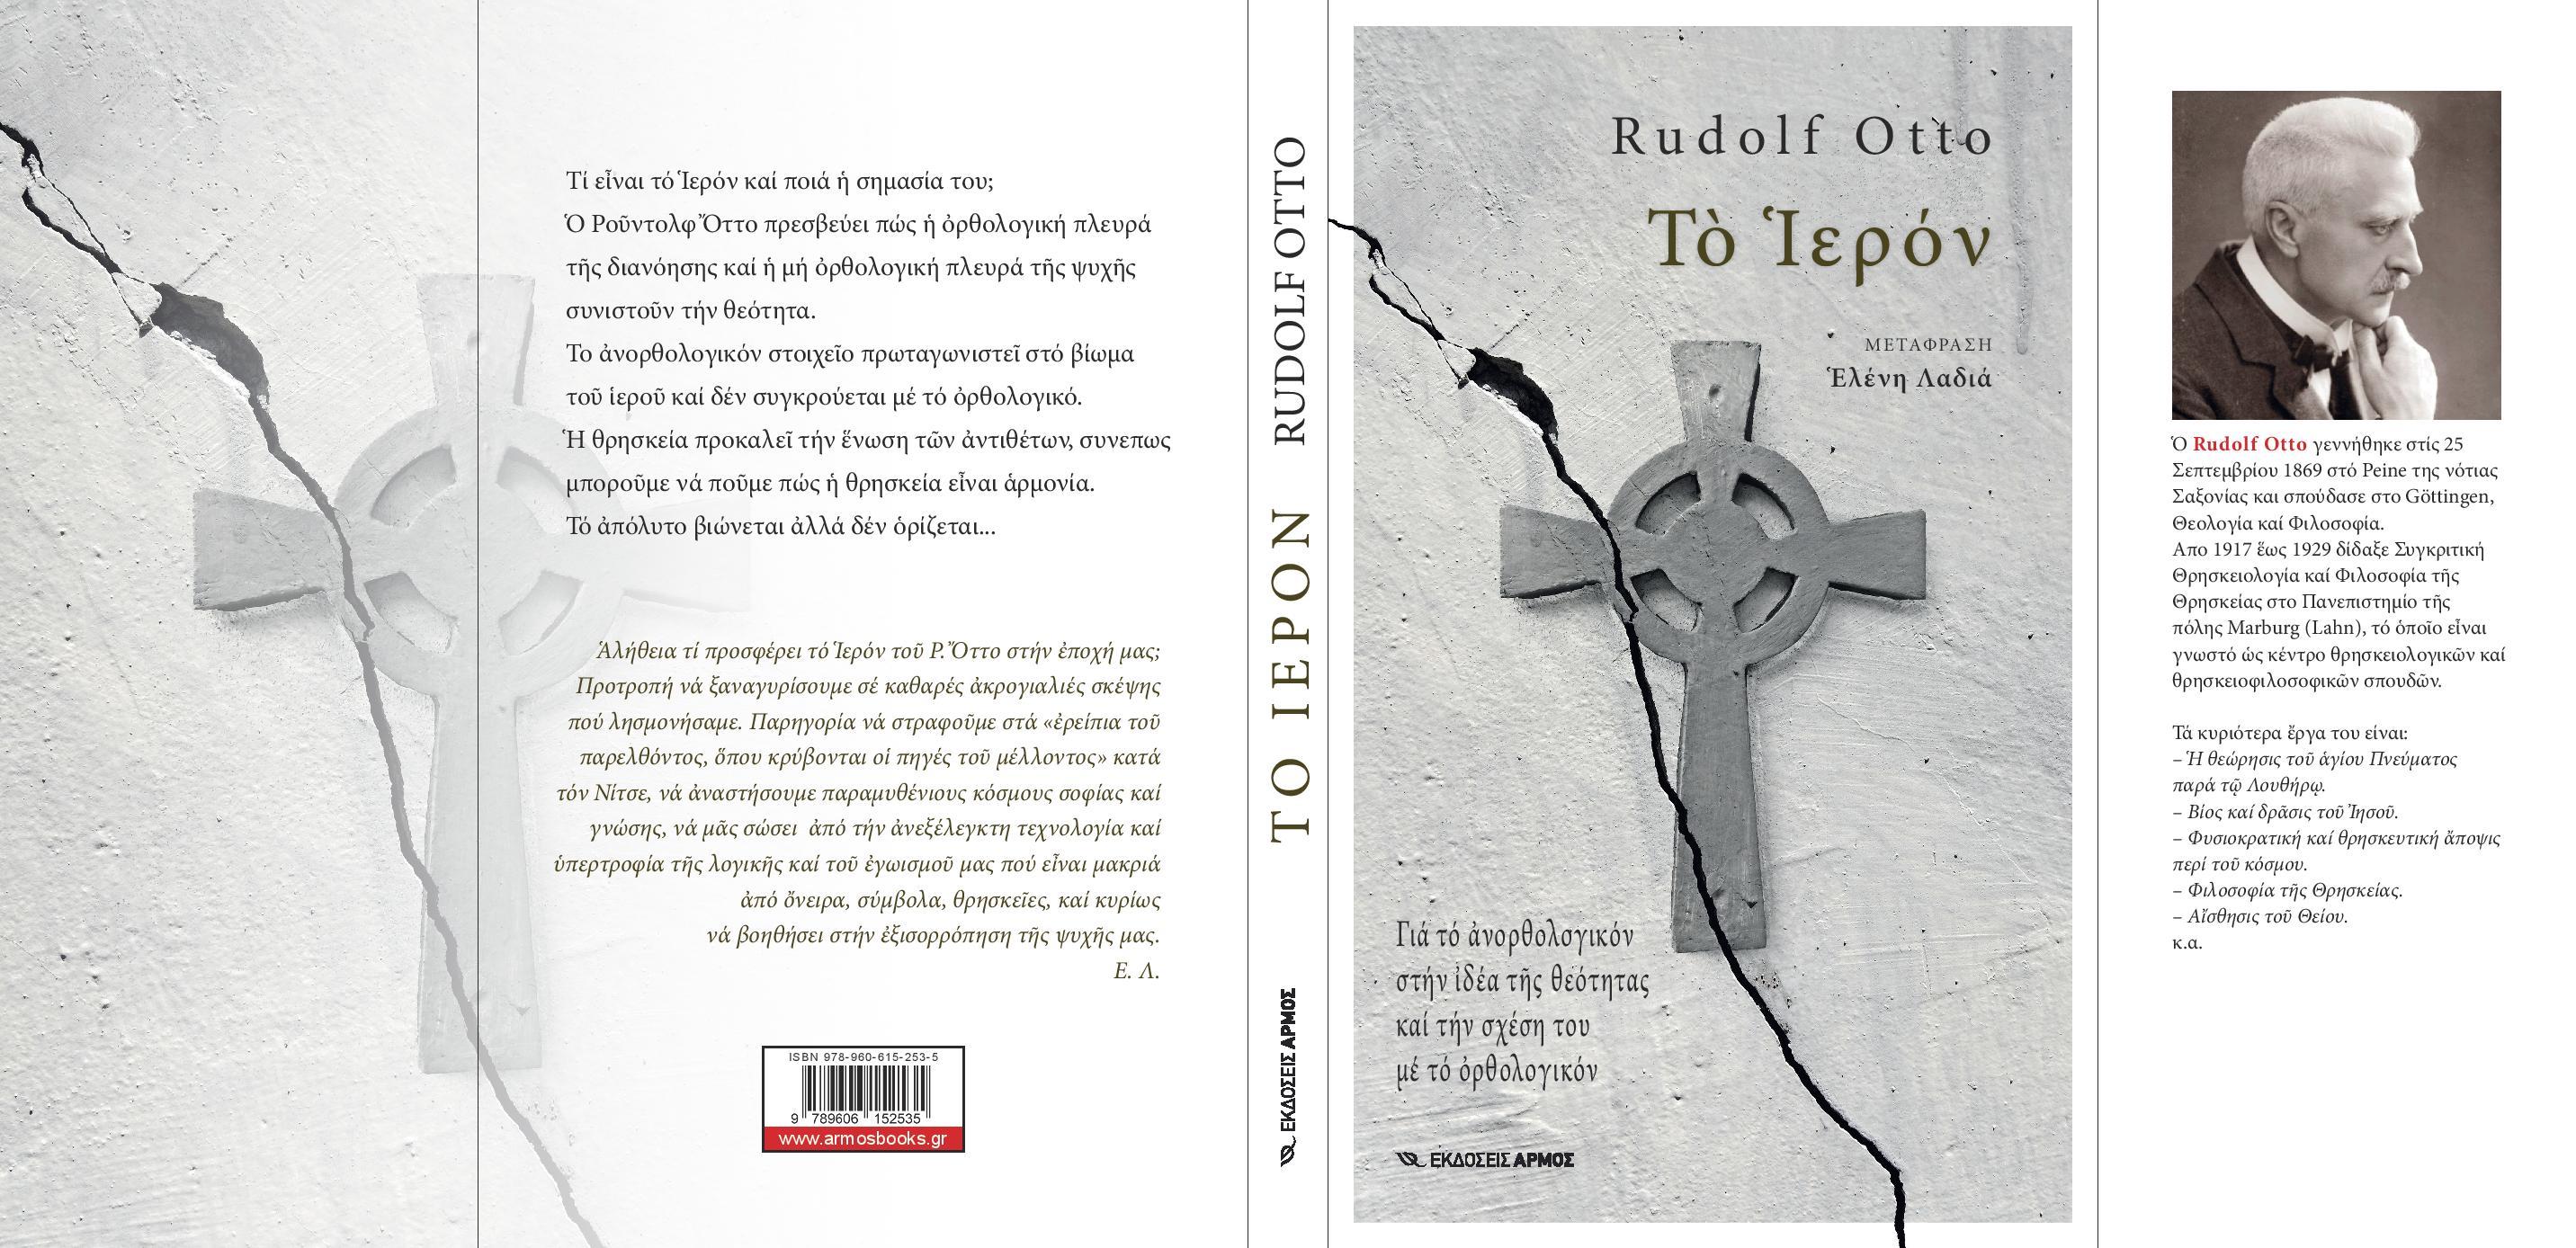 Για πρώτη φορά στην Ελλάδα μεταφράστηκε το Ιερόν του Ρούντολφ Όττο από την συγγραφέα Ελένη Λαδιά, σε συνεργασία με την Ιωάννα Παπαϊωάννου. Κυκλοφορεί από τις Εκδόσεις Αρμός